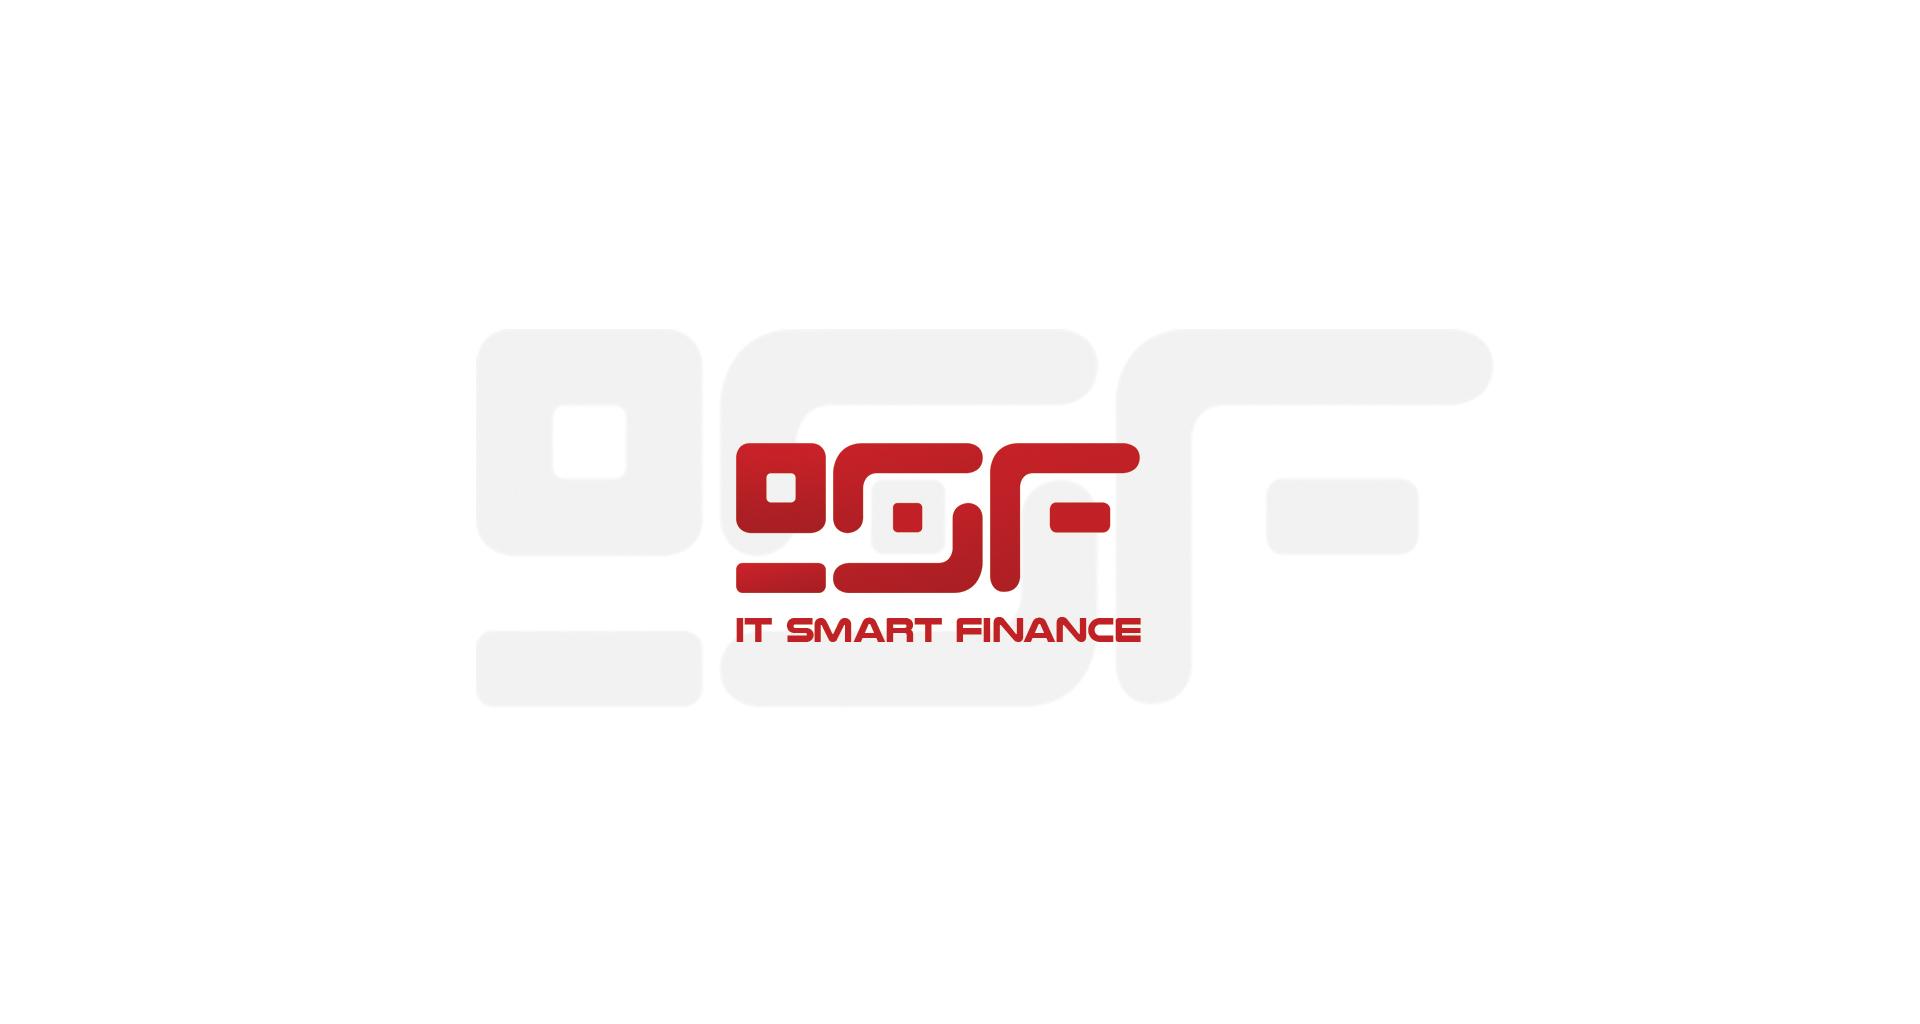 Разработка логотипа фото f_3485a2a91b76346c.jpg